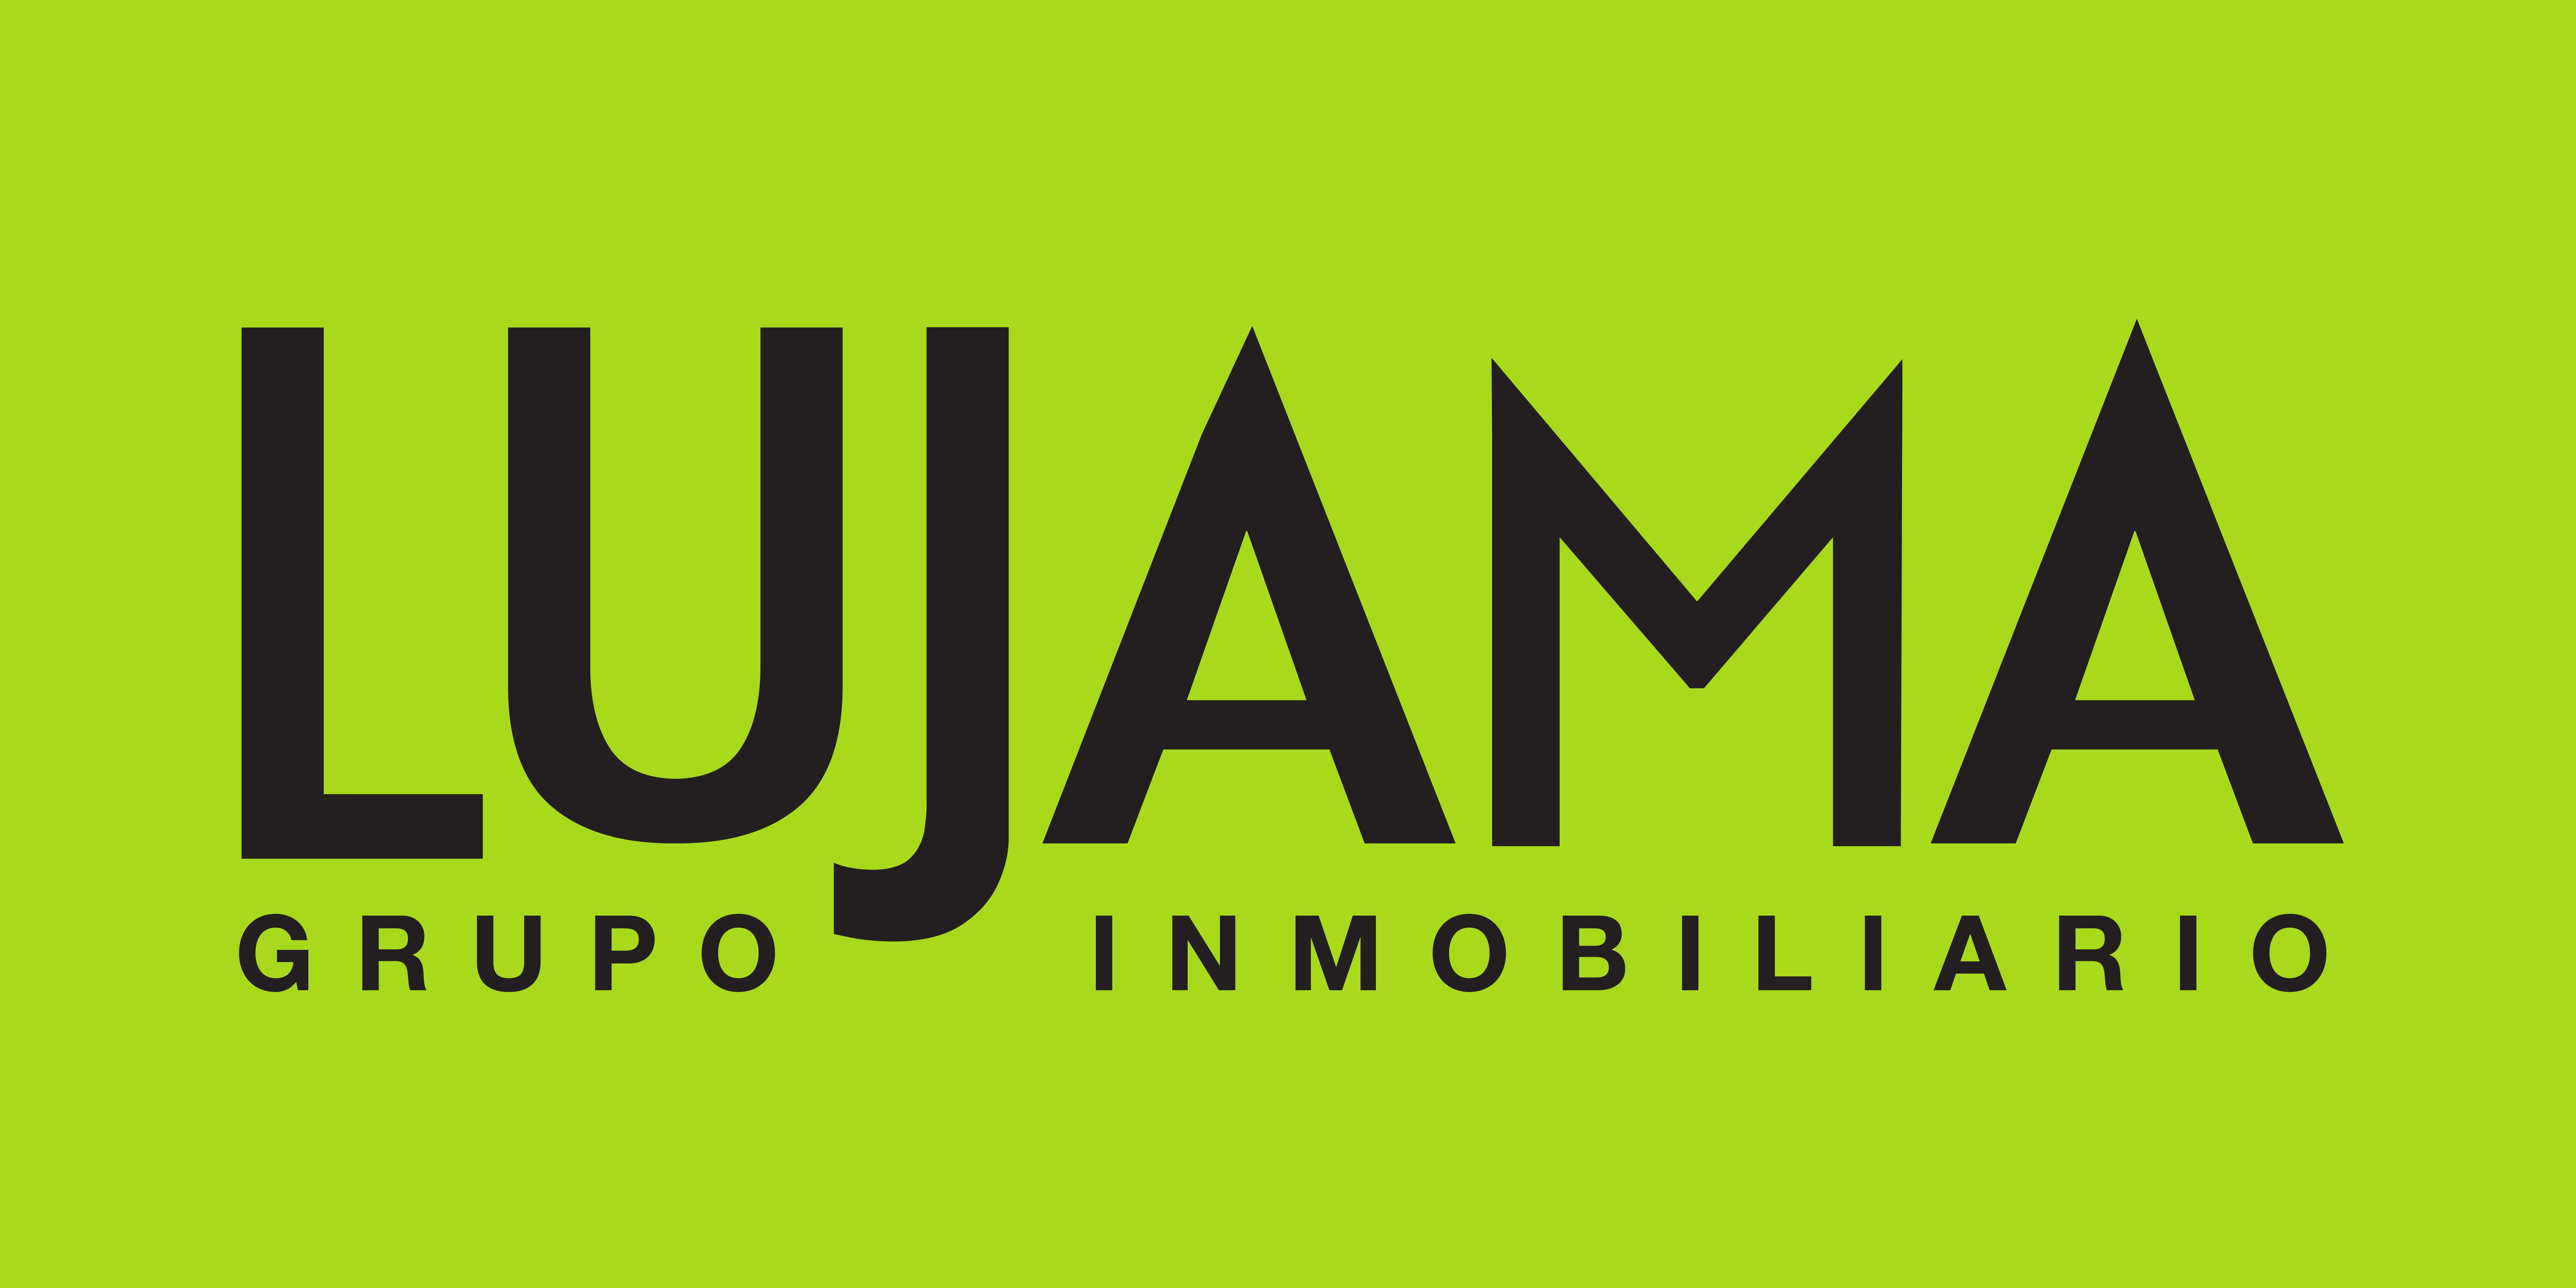 Lujama Grupo Inmobiliario